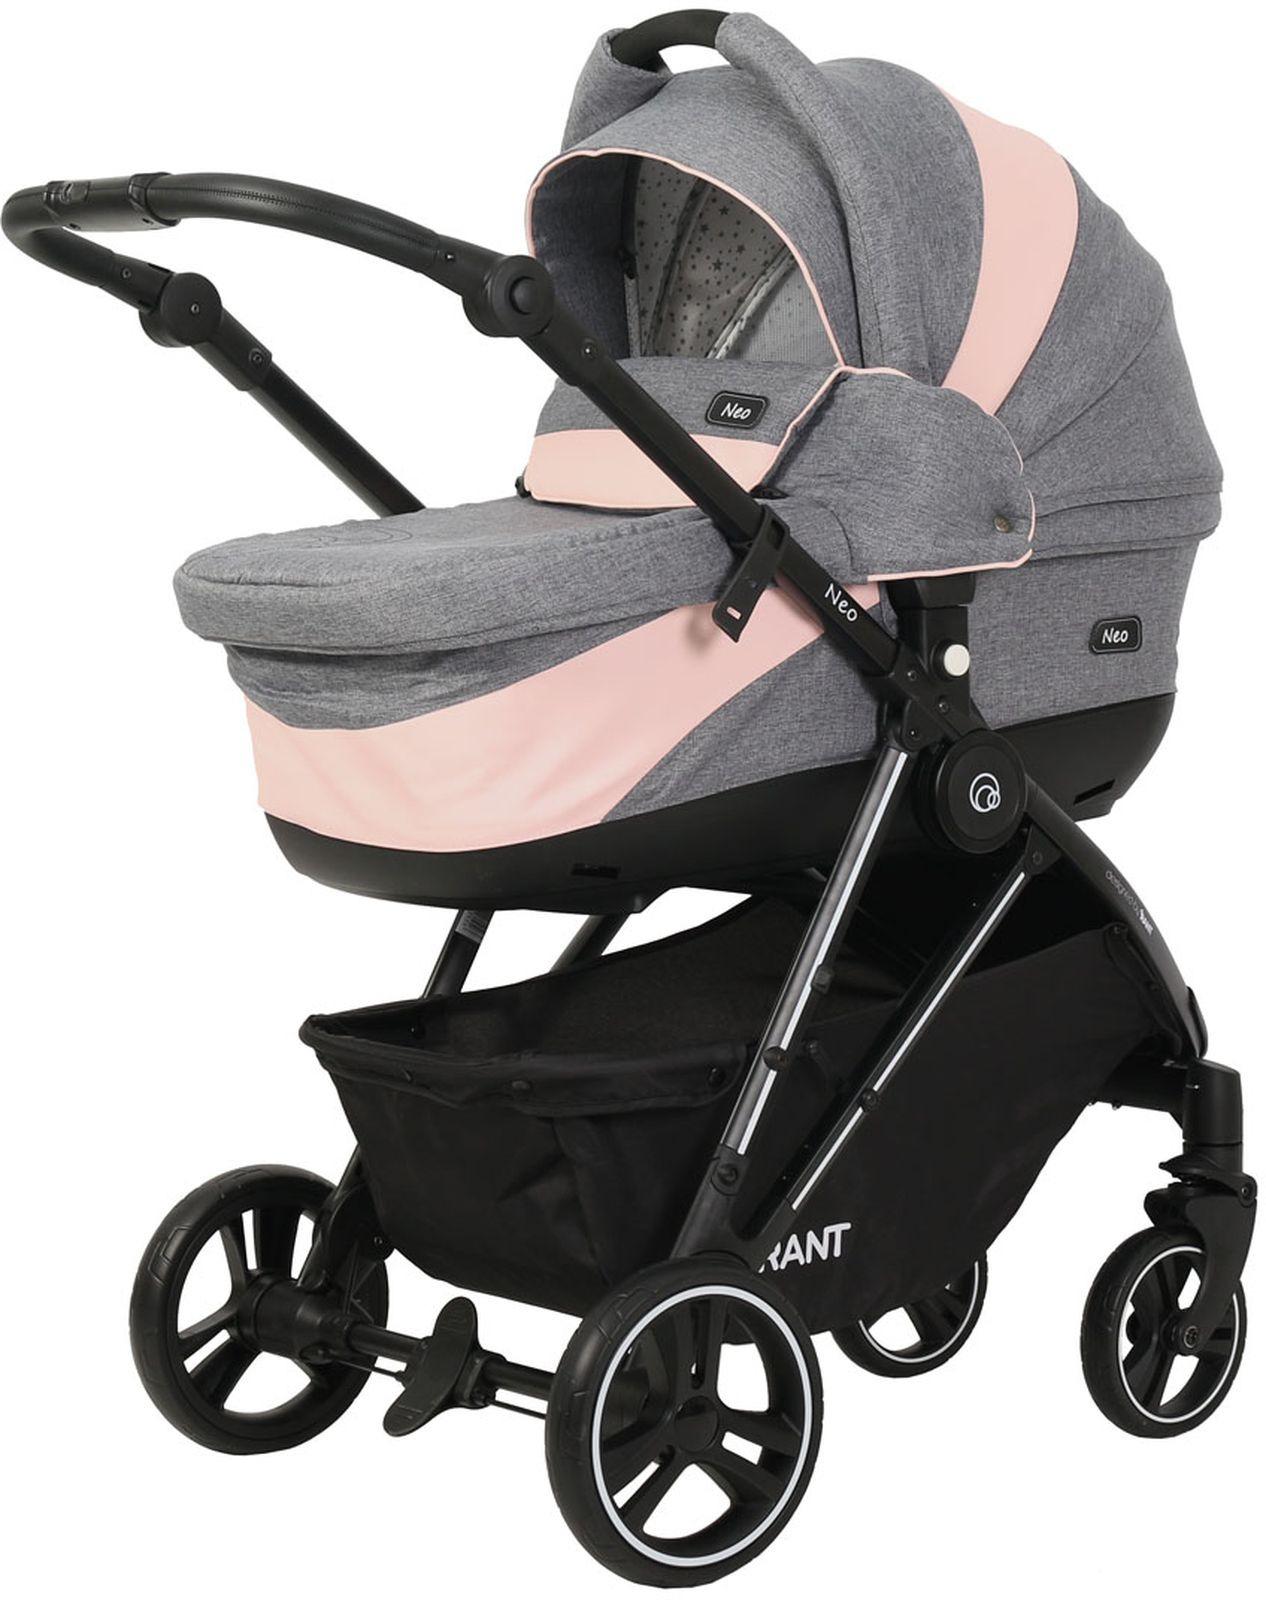 Коляска универсальная Rant Neo 2 в 1, 4630038413556, серый, розовый коляска 2 в 1 rant lotus blue